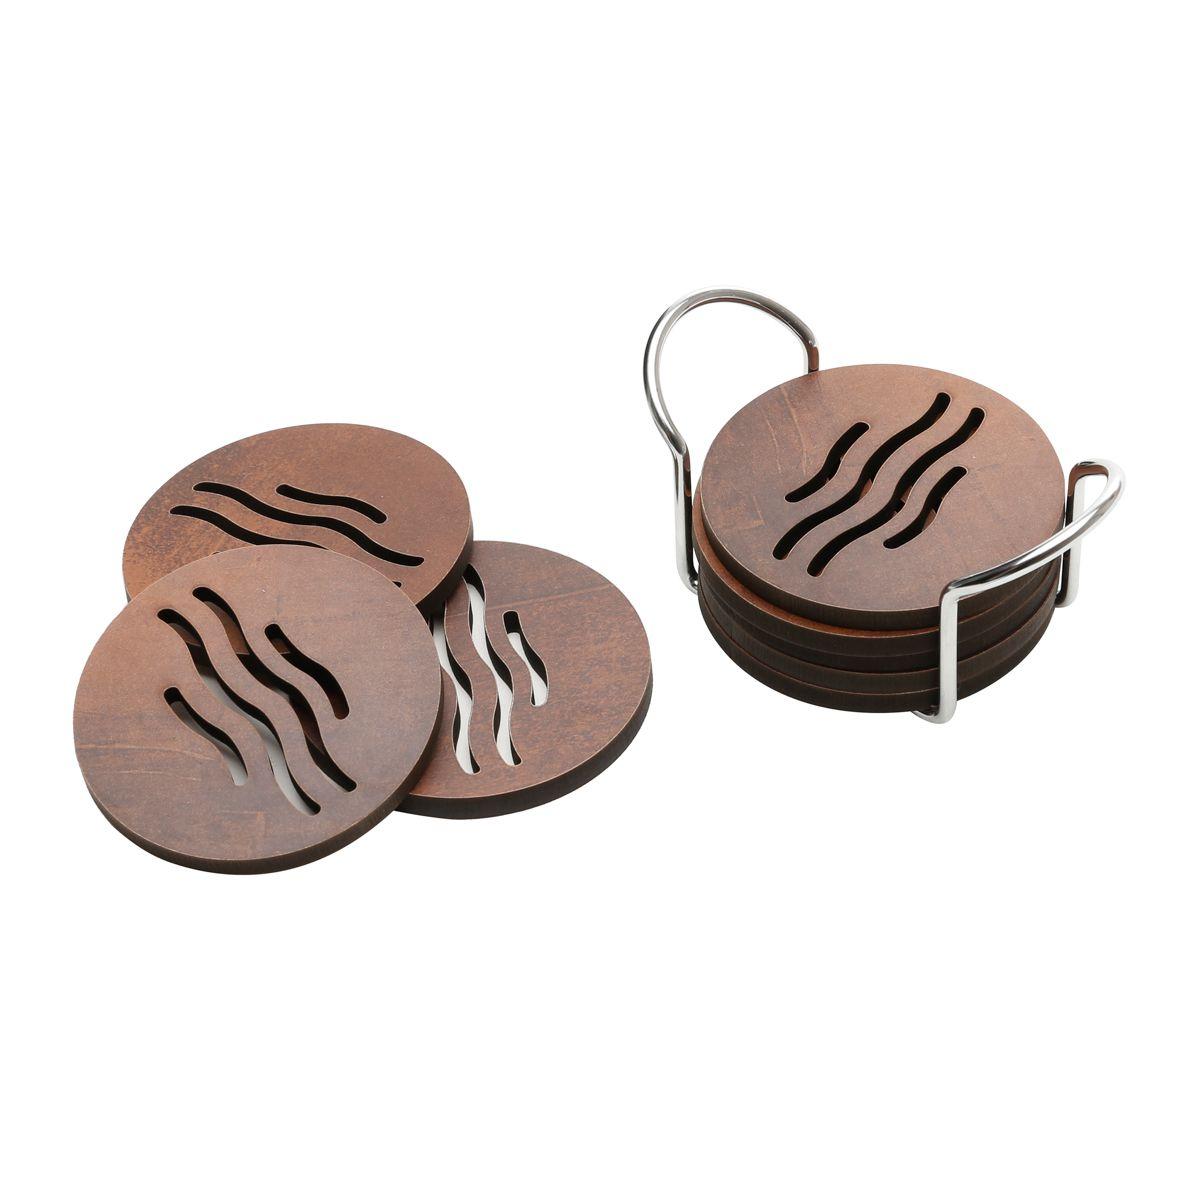 Conjunto Porta Copos Woodart em Madeira c/ Suporte de Metal Quartzo 12677 - 7 Peças